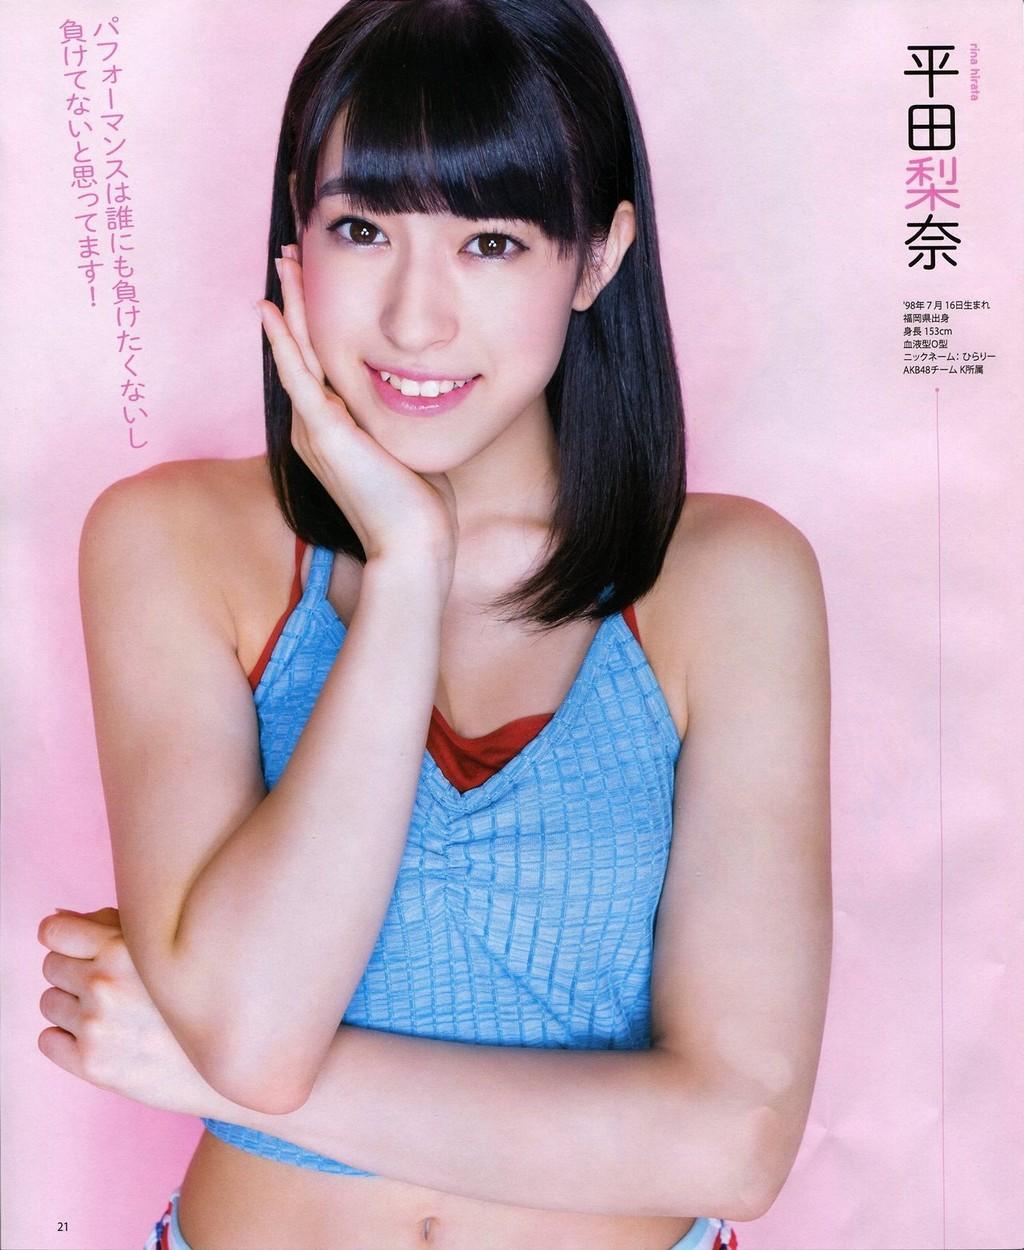 【ビキショ!】元AKB48・平田梨奈「ひらりーTIME」